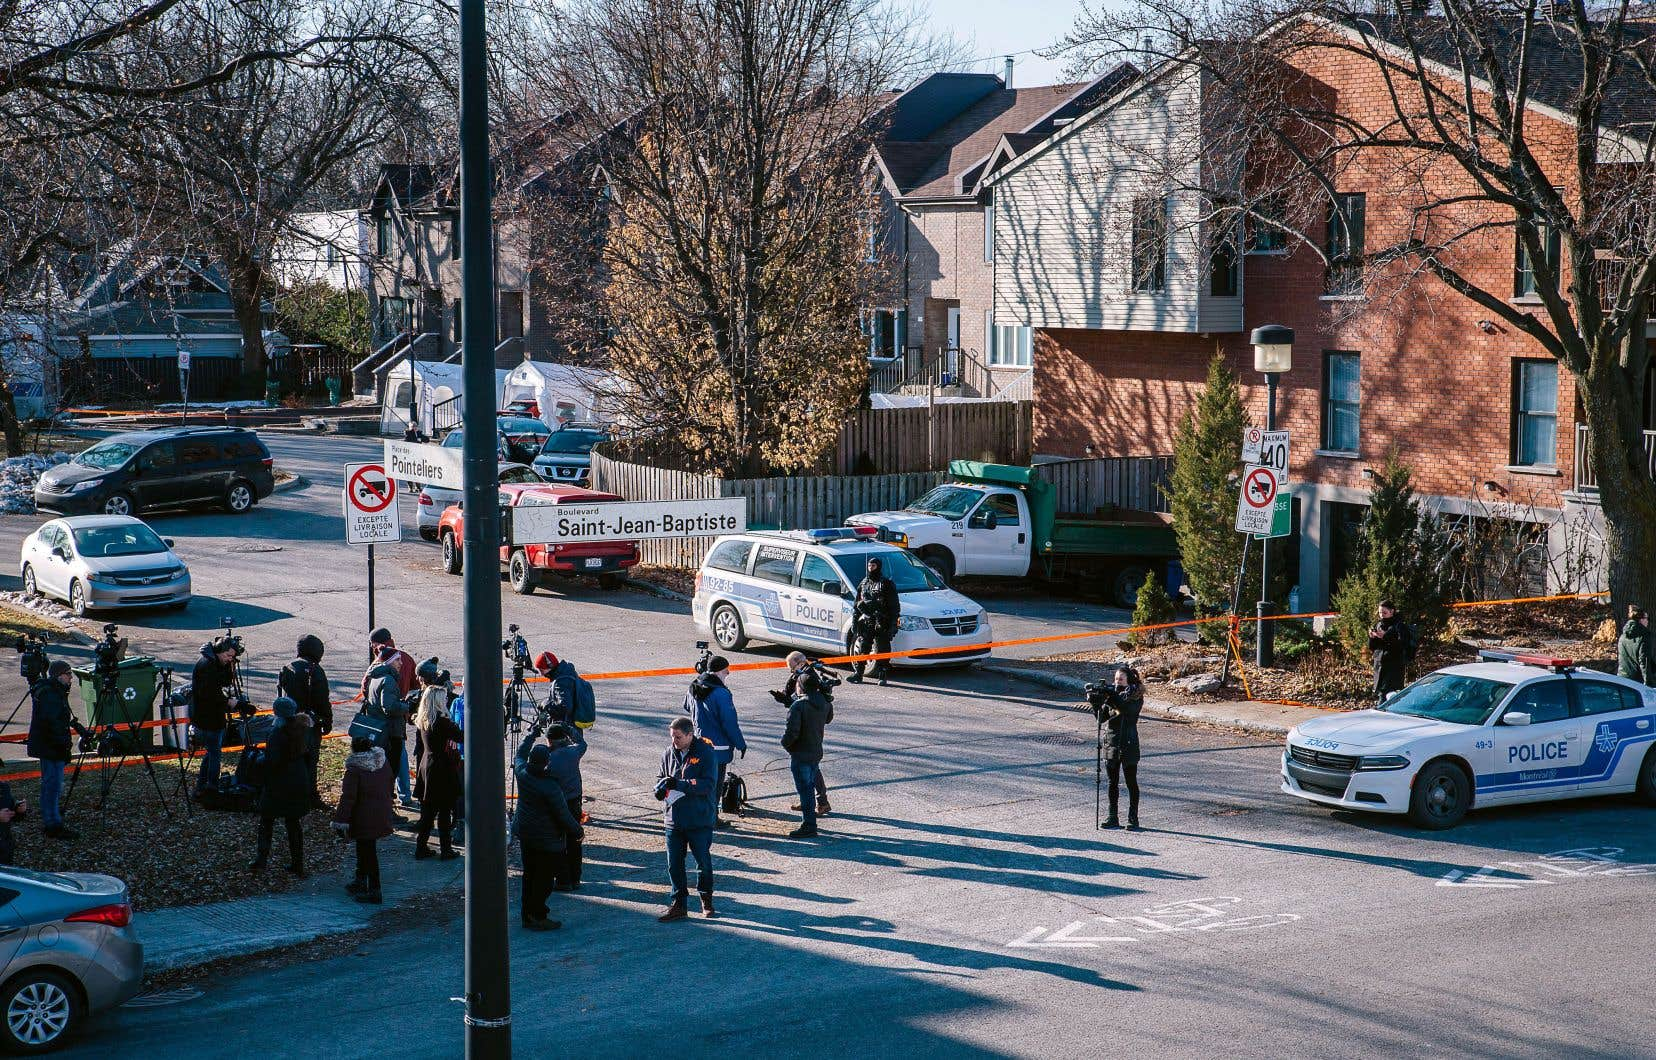 Un périmètre de sécurité a été établi autour de la demeure où s'est déroulé le drame afin de permettre aux enquêteurs de faire leur travail.